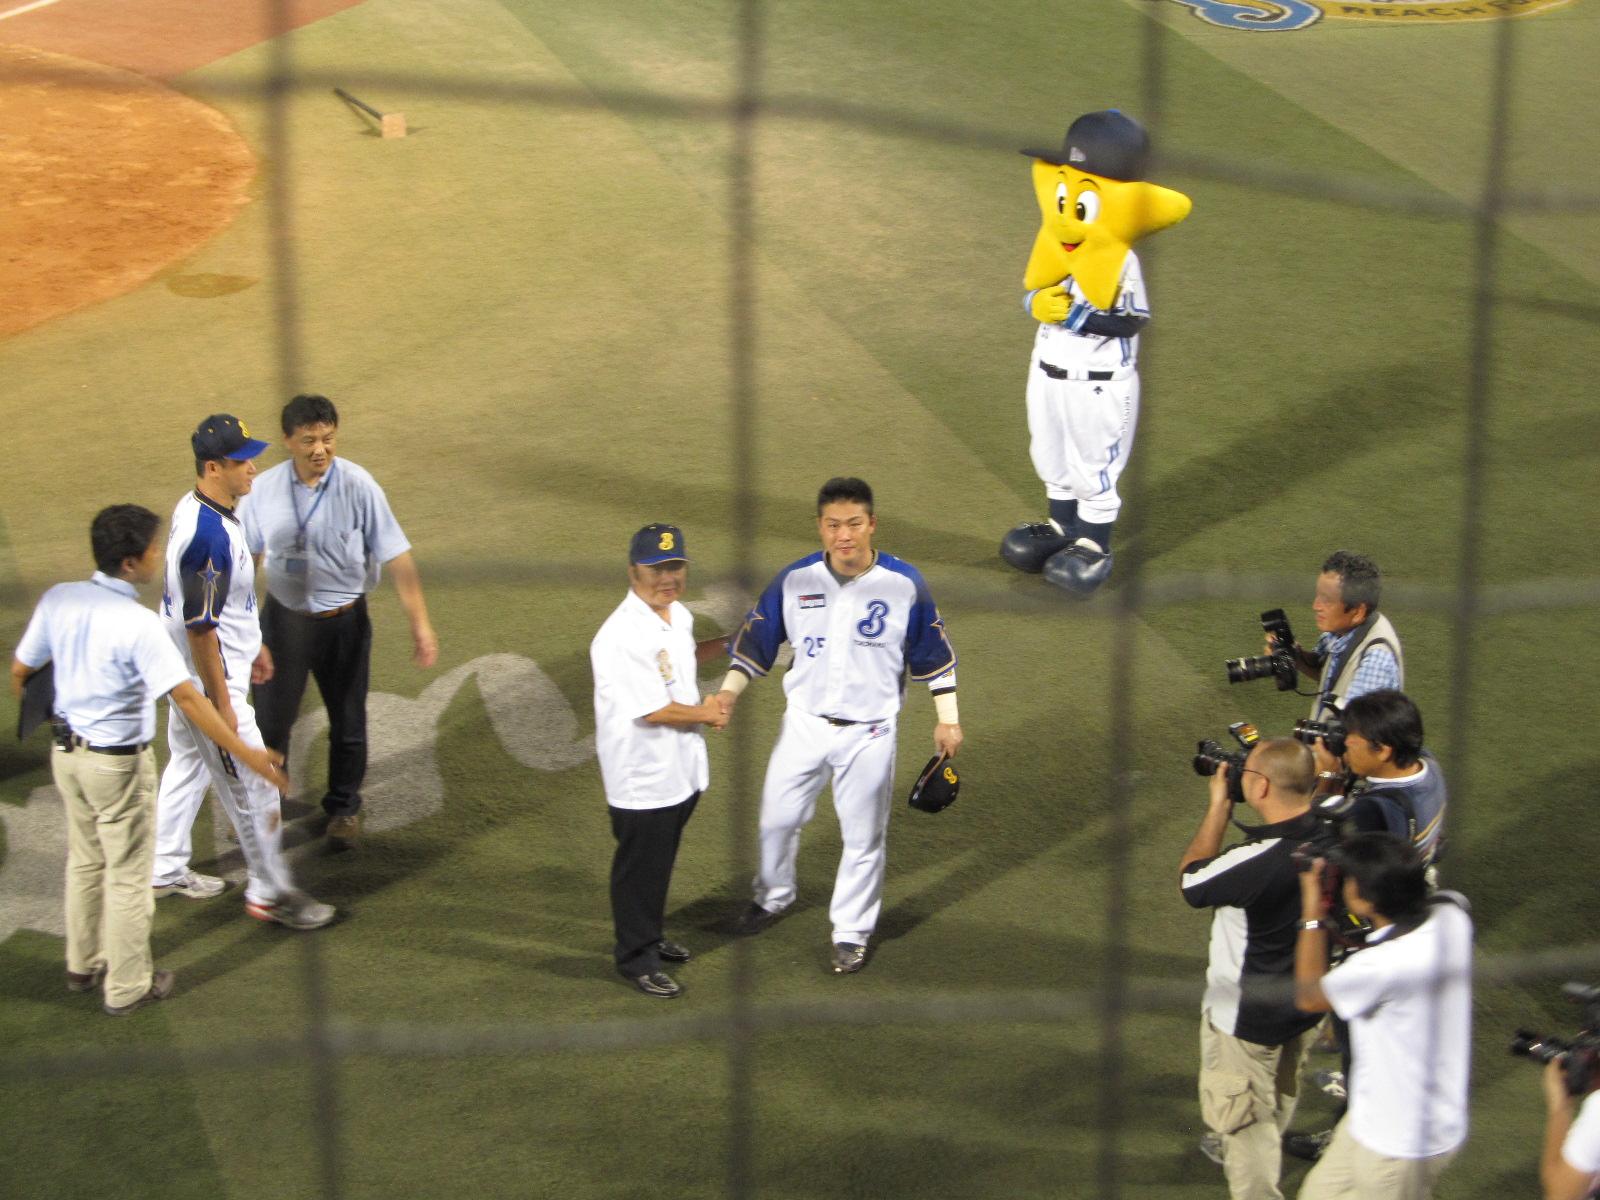 村田握手4.JPG